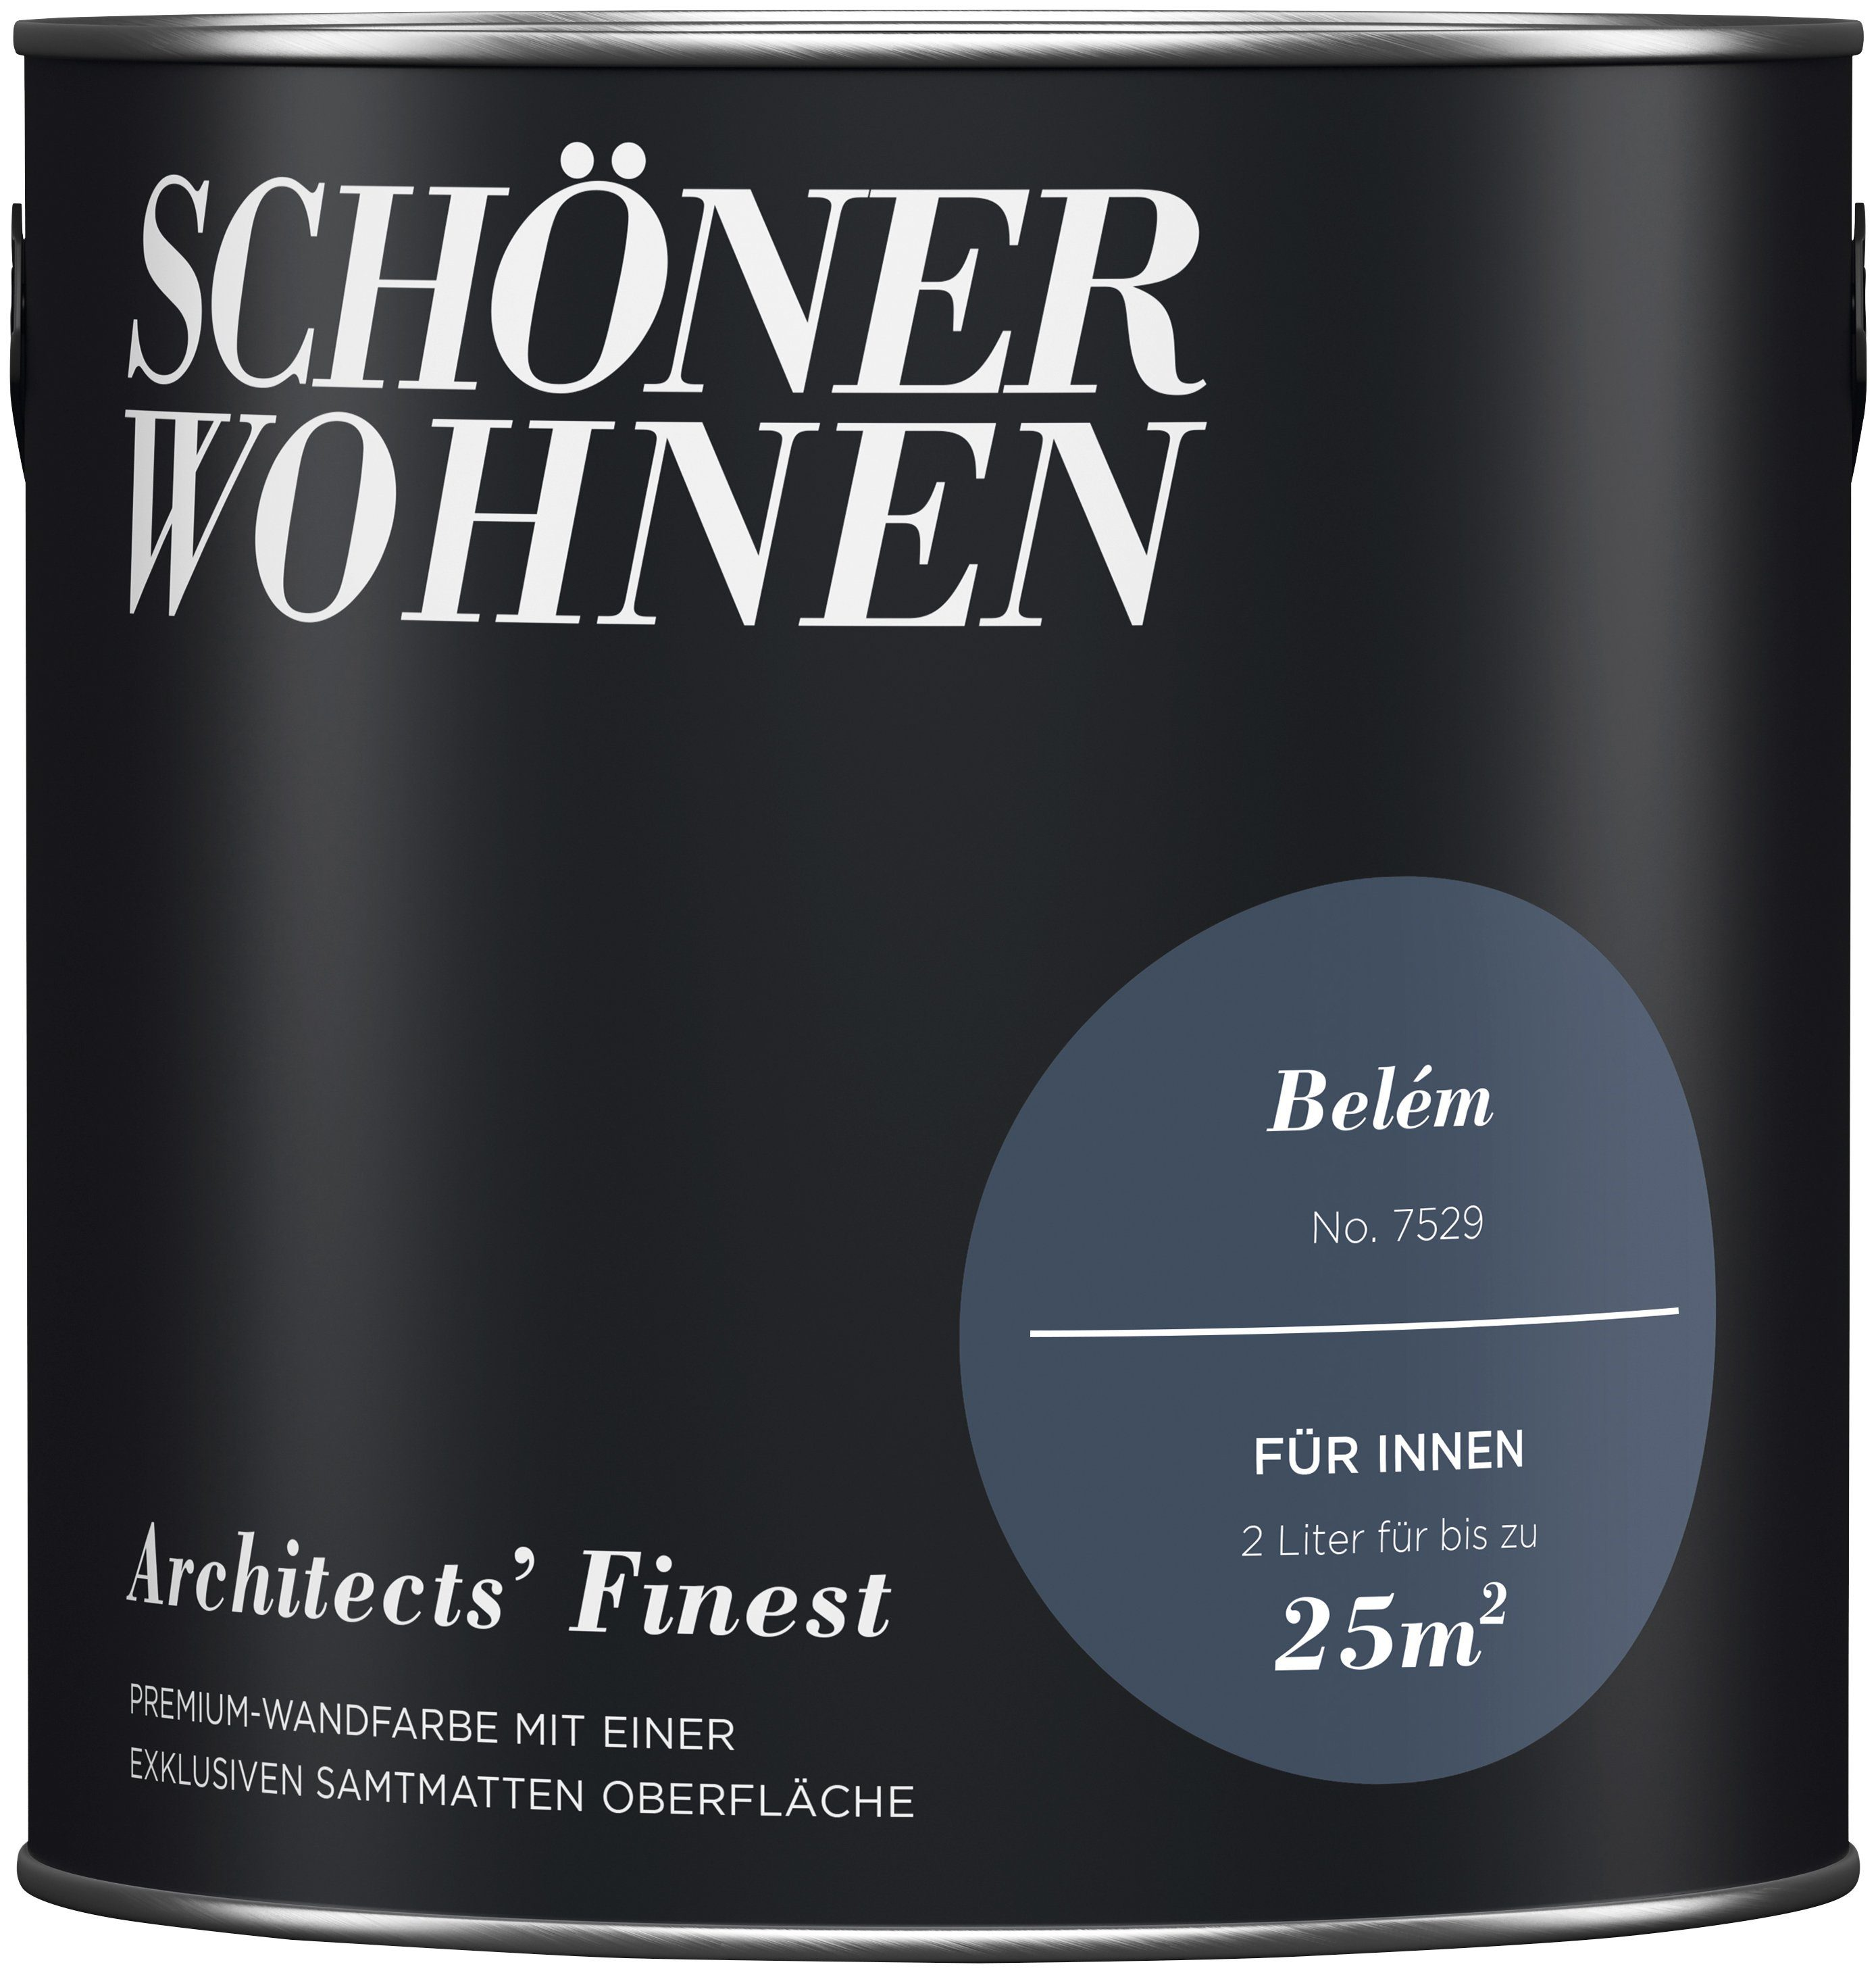 SCHÖNER WOHNEN-FARBE Wand- und Deckenfarbe »Architect's Finest«, Belém